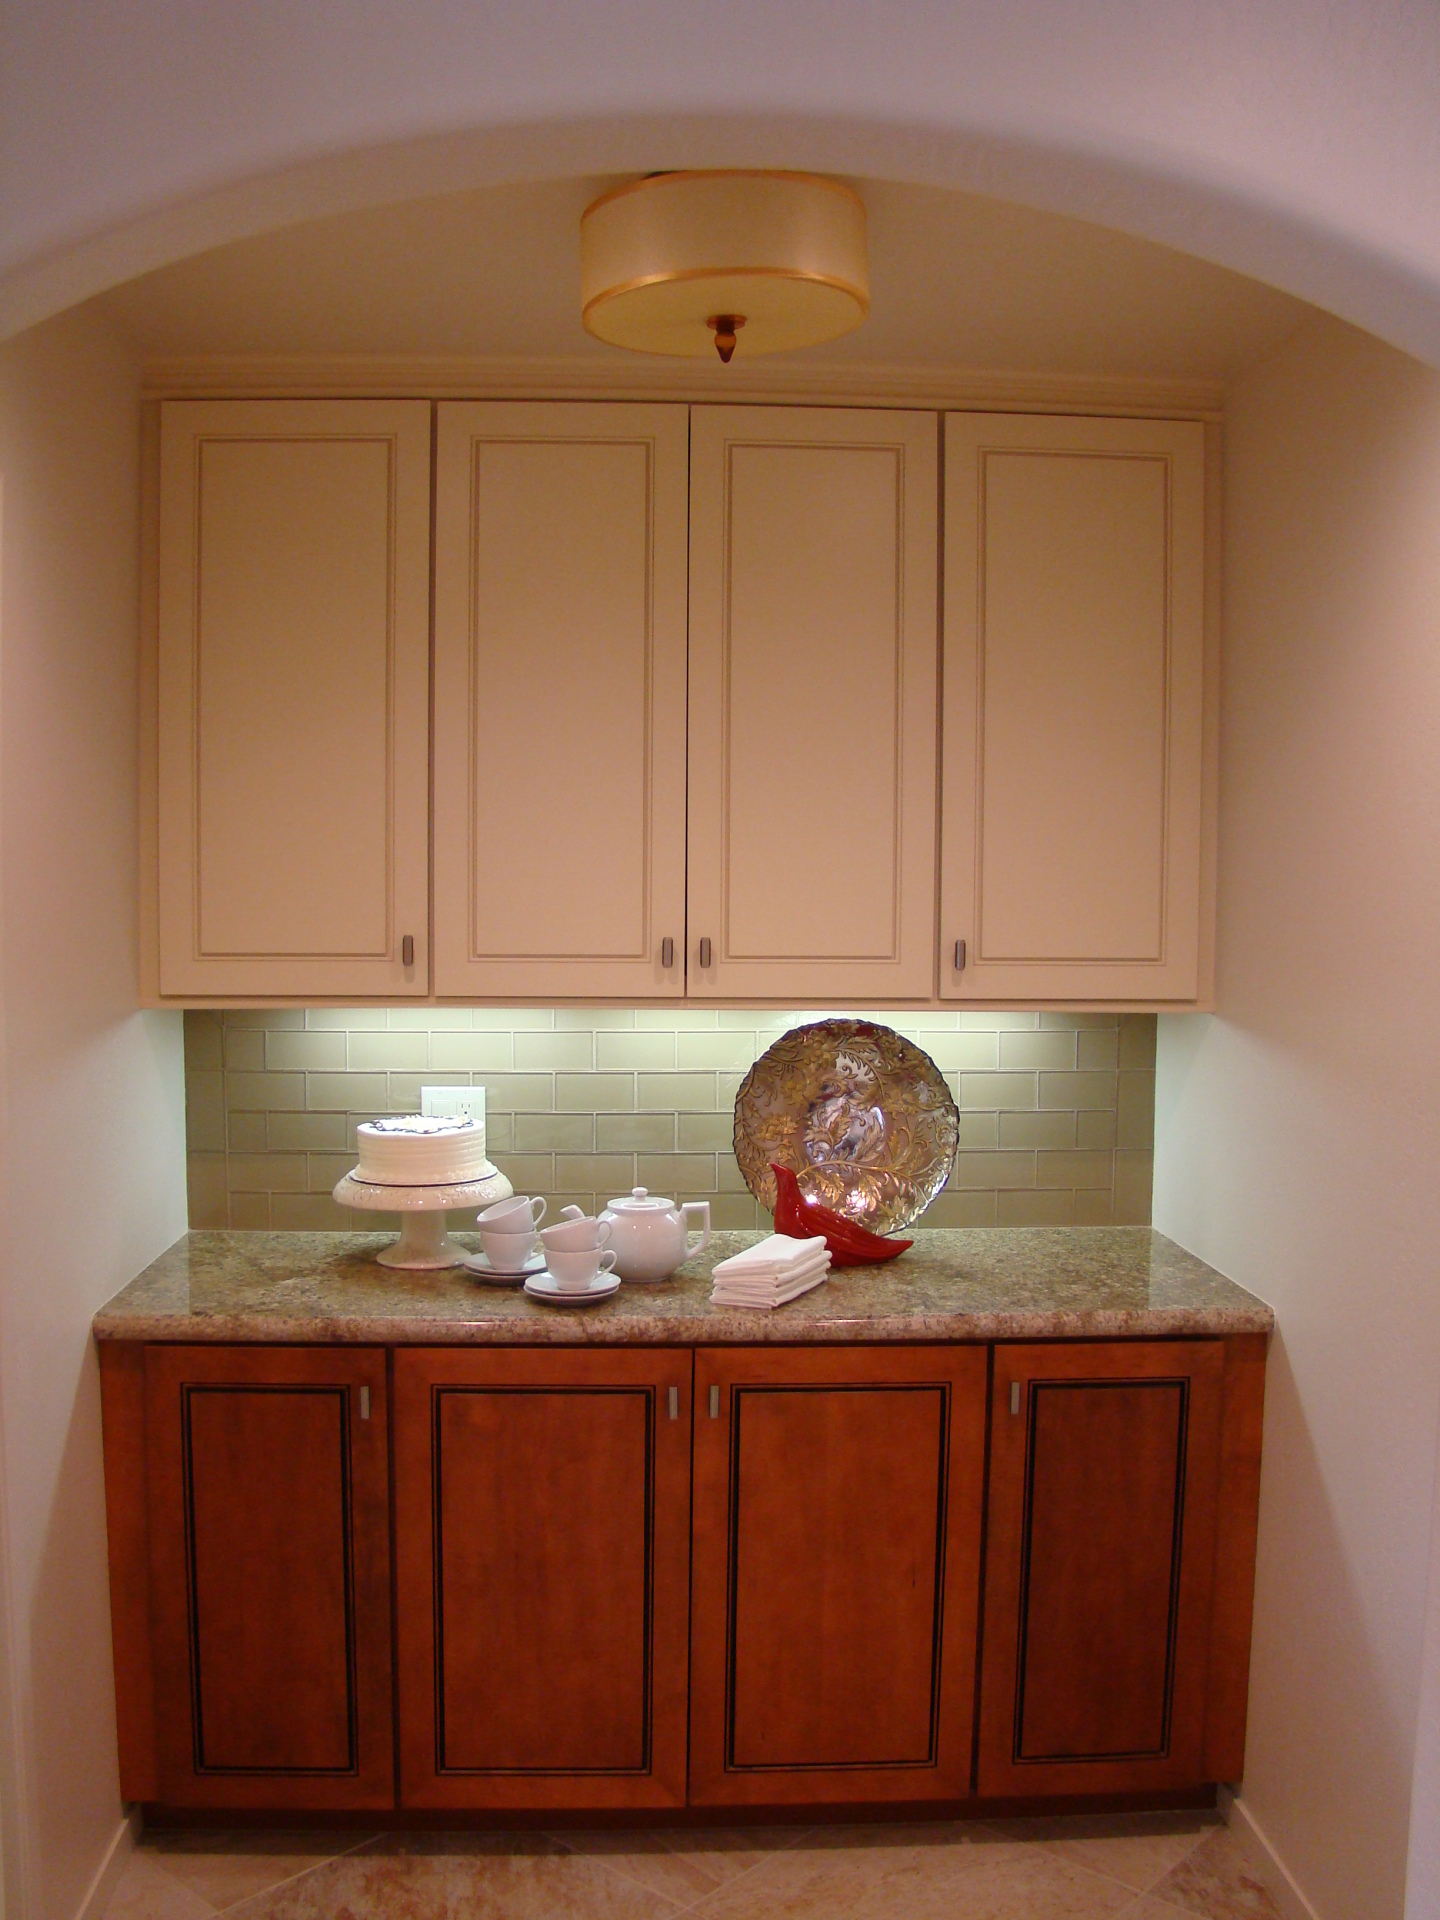 Fiorito Interior Design, interior design, remodel, kitchen, light and dark cabinetry, granite counter, pantry